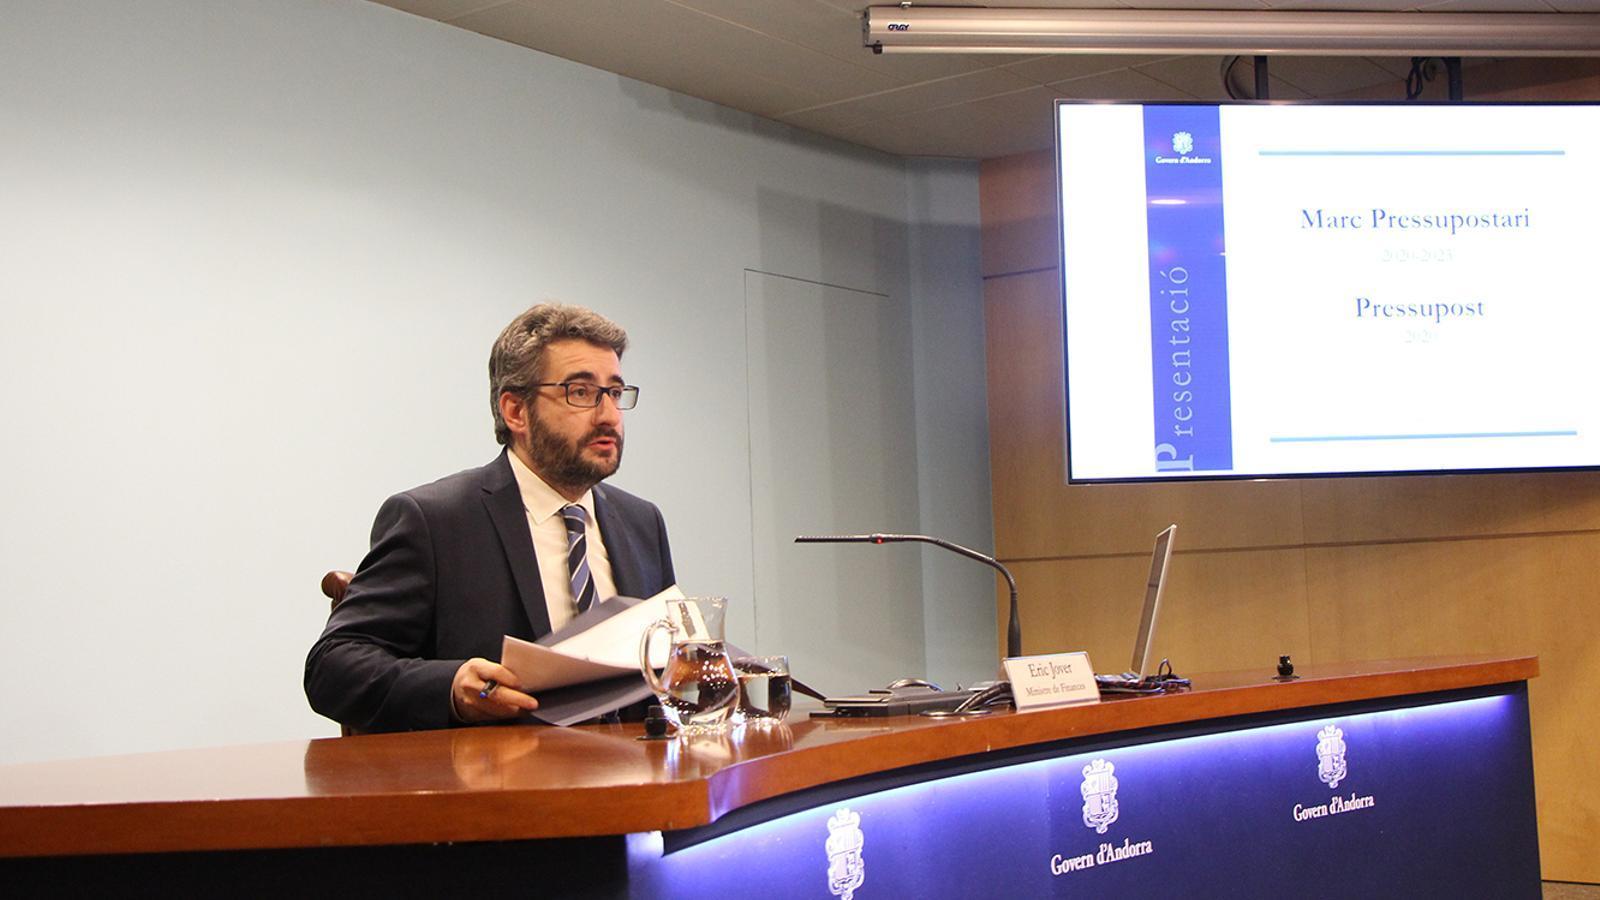 El ministre de Finances, Eric Jover, en la presentació del projecte de llei del pressupost 2020. / M. F. (ANA)